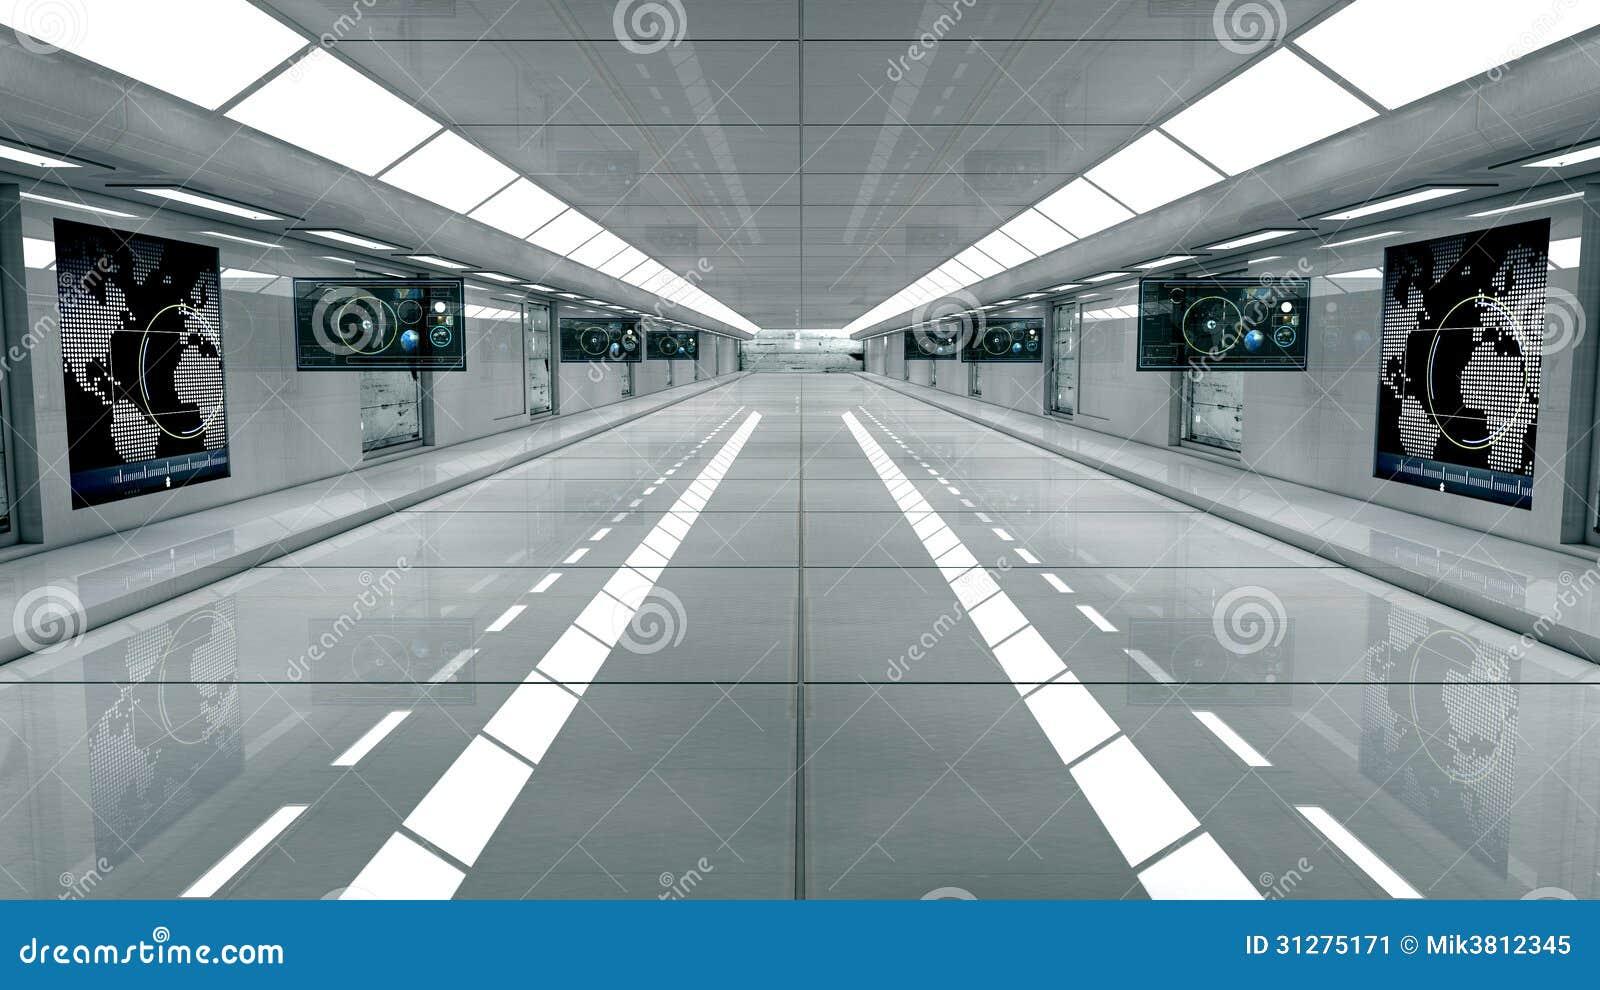 Futuristic Train Interior Futuristic interior st...